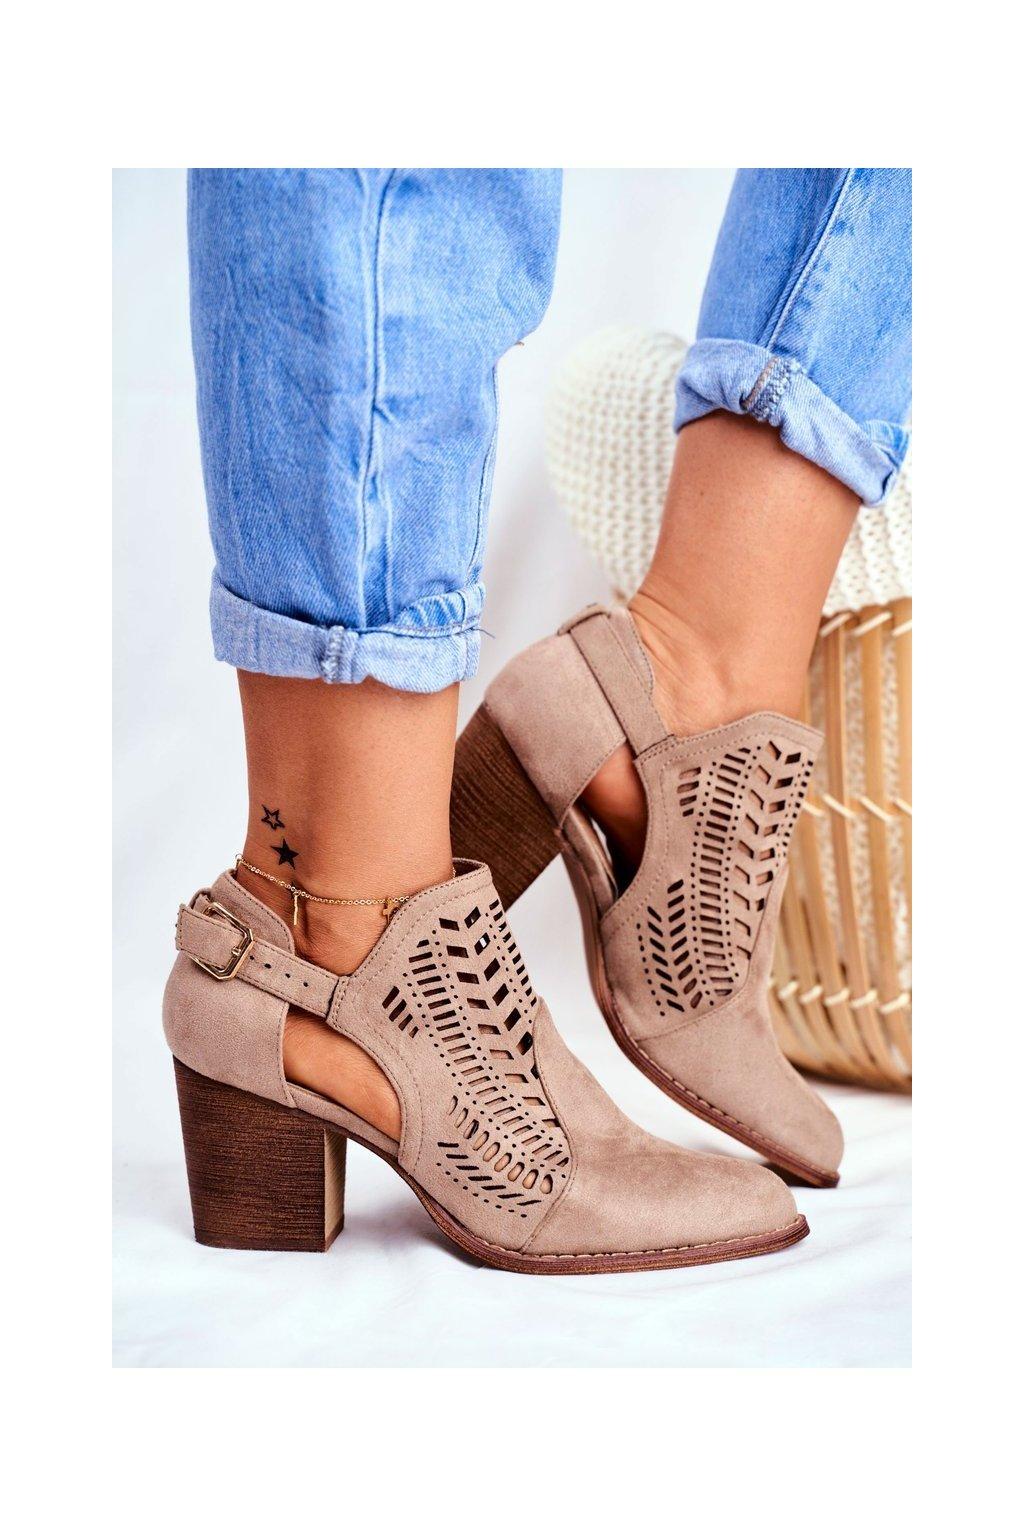 Dámske jarné topánky na podpätku Semišové Béžové Velluci